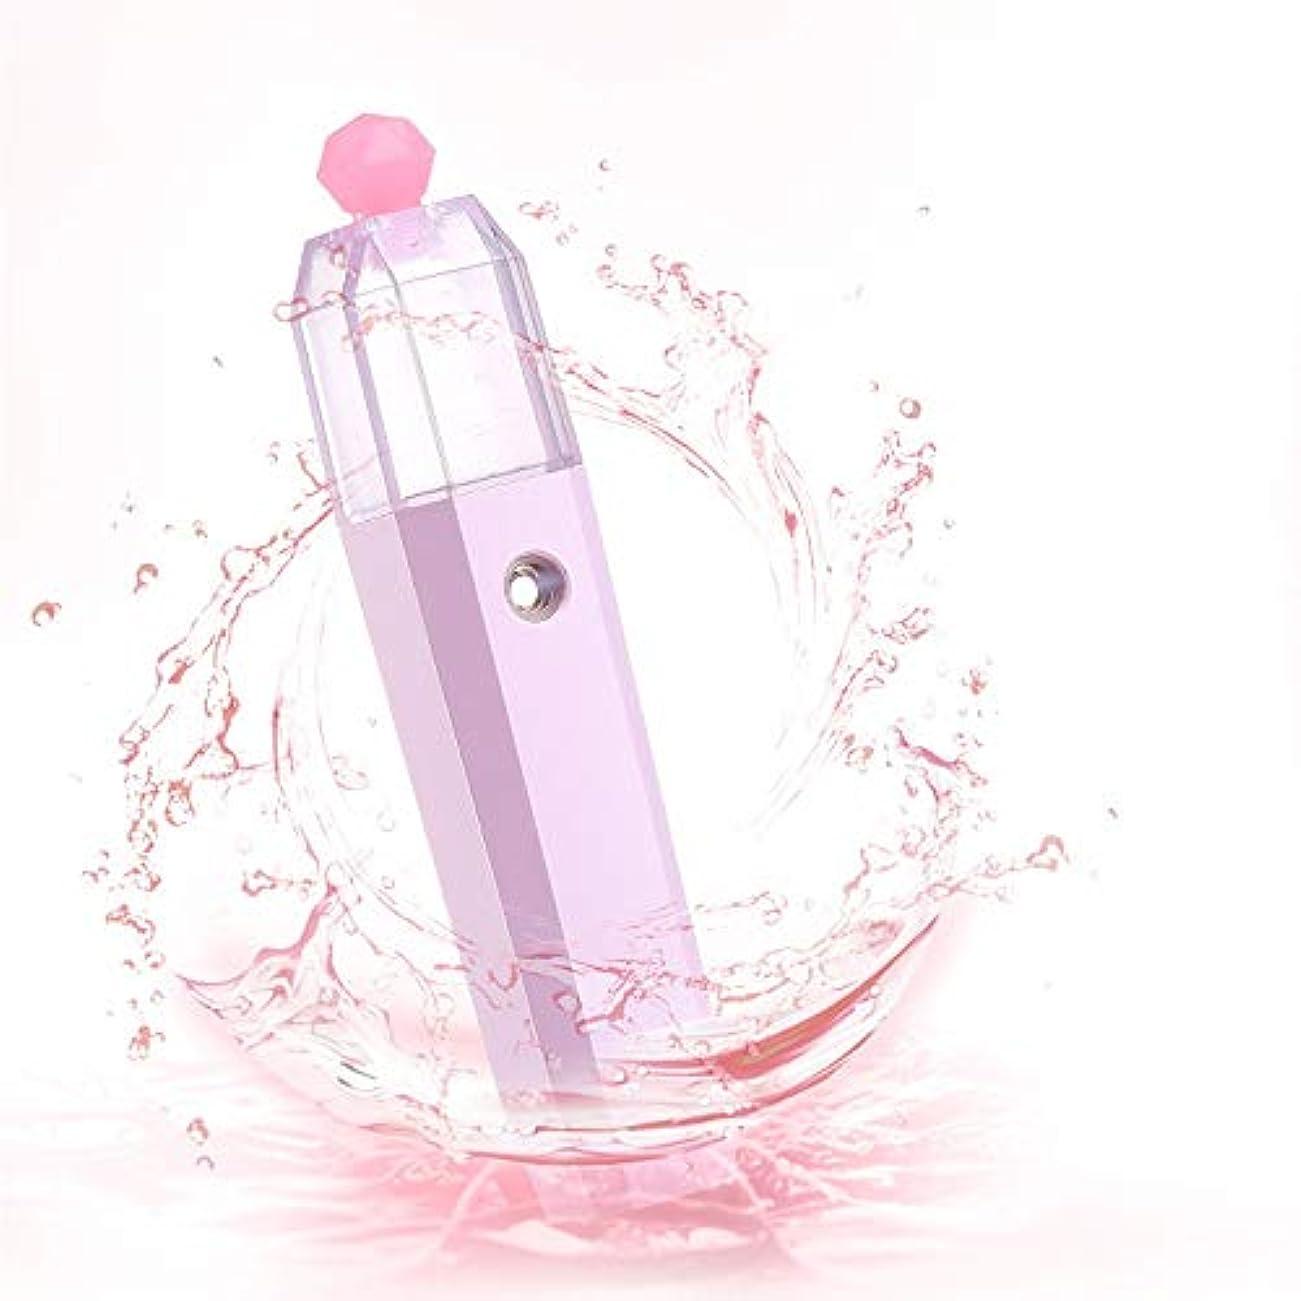 怖いプロポーショナルピストルZXF 水道メーター美容ハンドスプレー新しいナノスプレーポータブル家庭用フェイスフェイシャルモイスチャライザーピンク 滑らかである